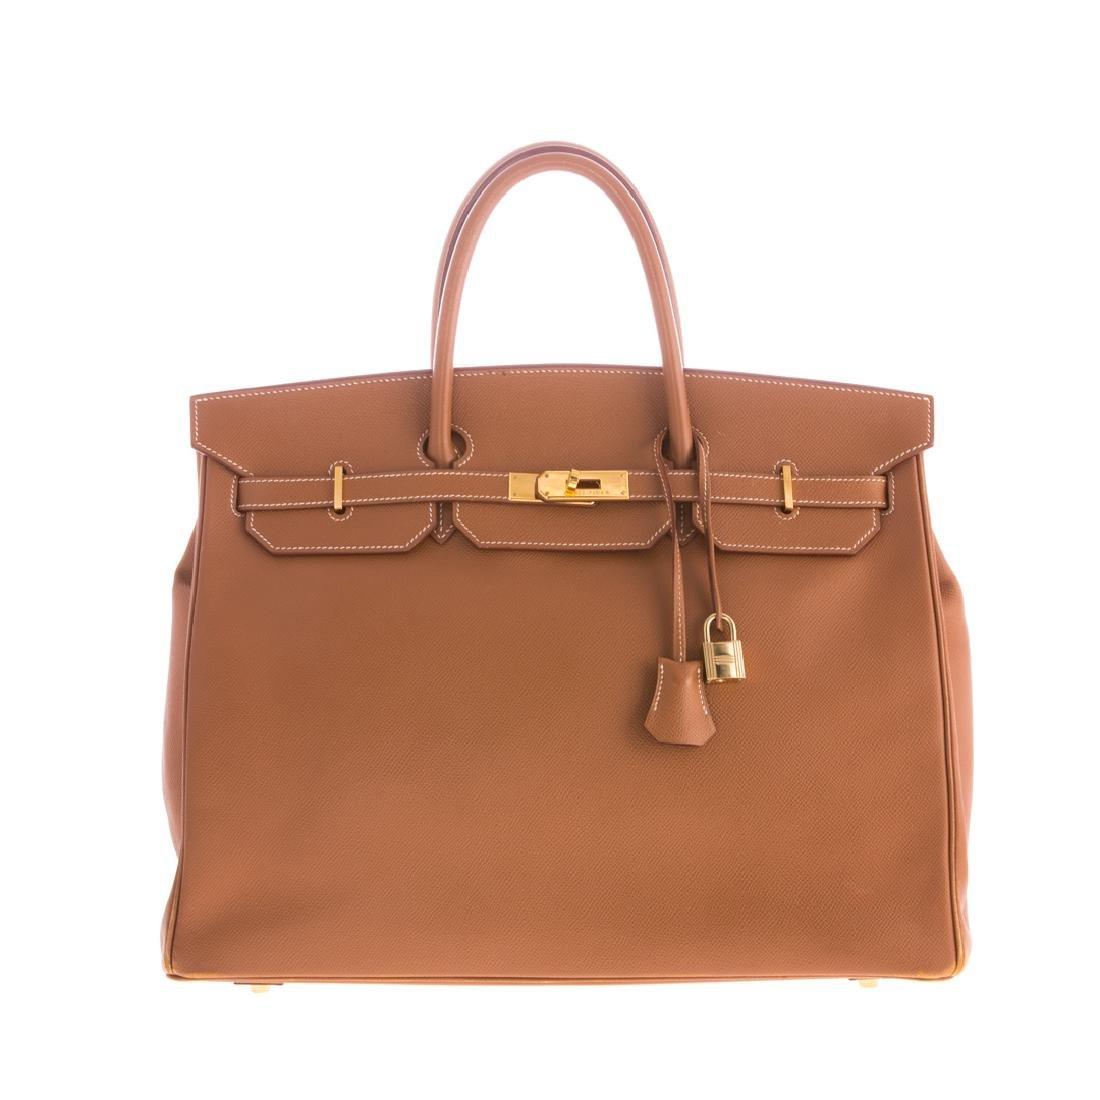 A Hermès Epsom Birkin 40